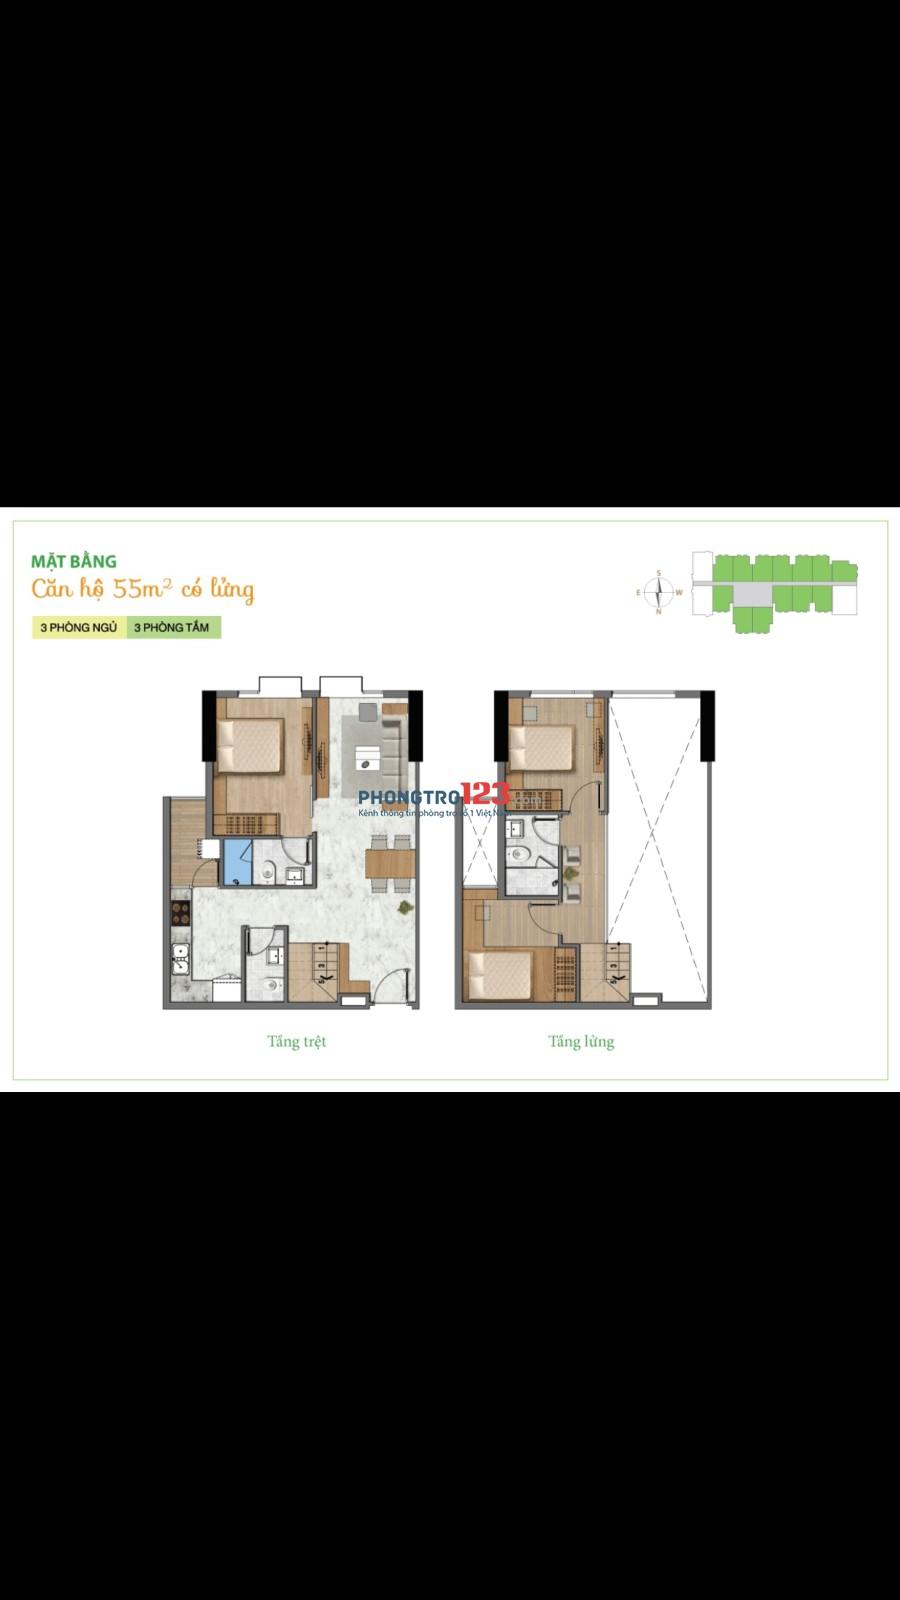 Tìm bạn nữ ở ghép căn hộ La Astoria 3PN, 3WC Full nội thất mỗi phòng tối đa 2ng, giá 1.8tr/ người